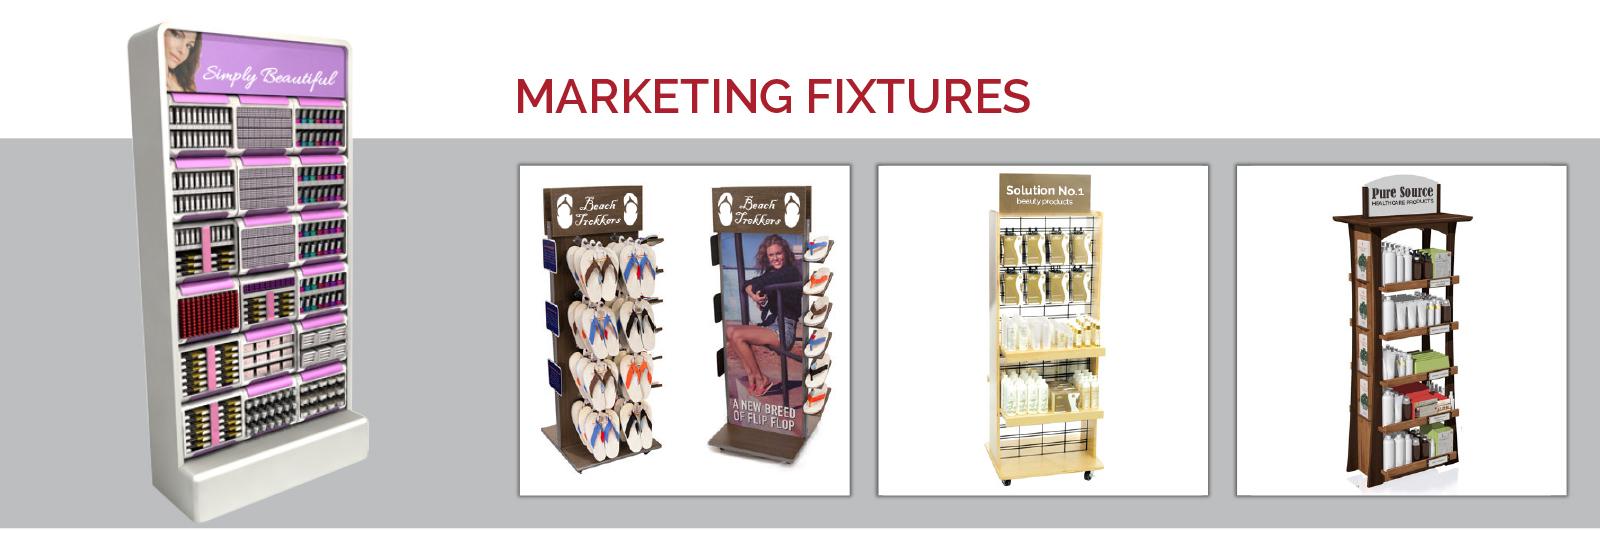 Marketing Fixtures